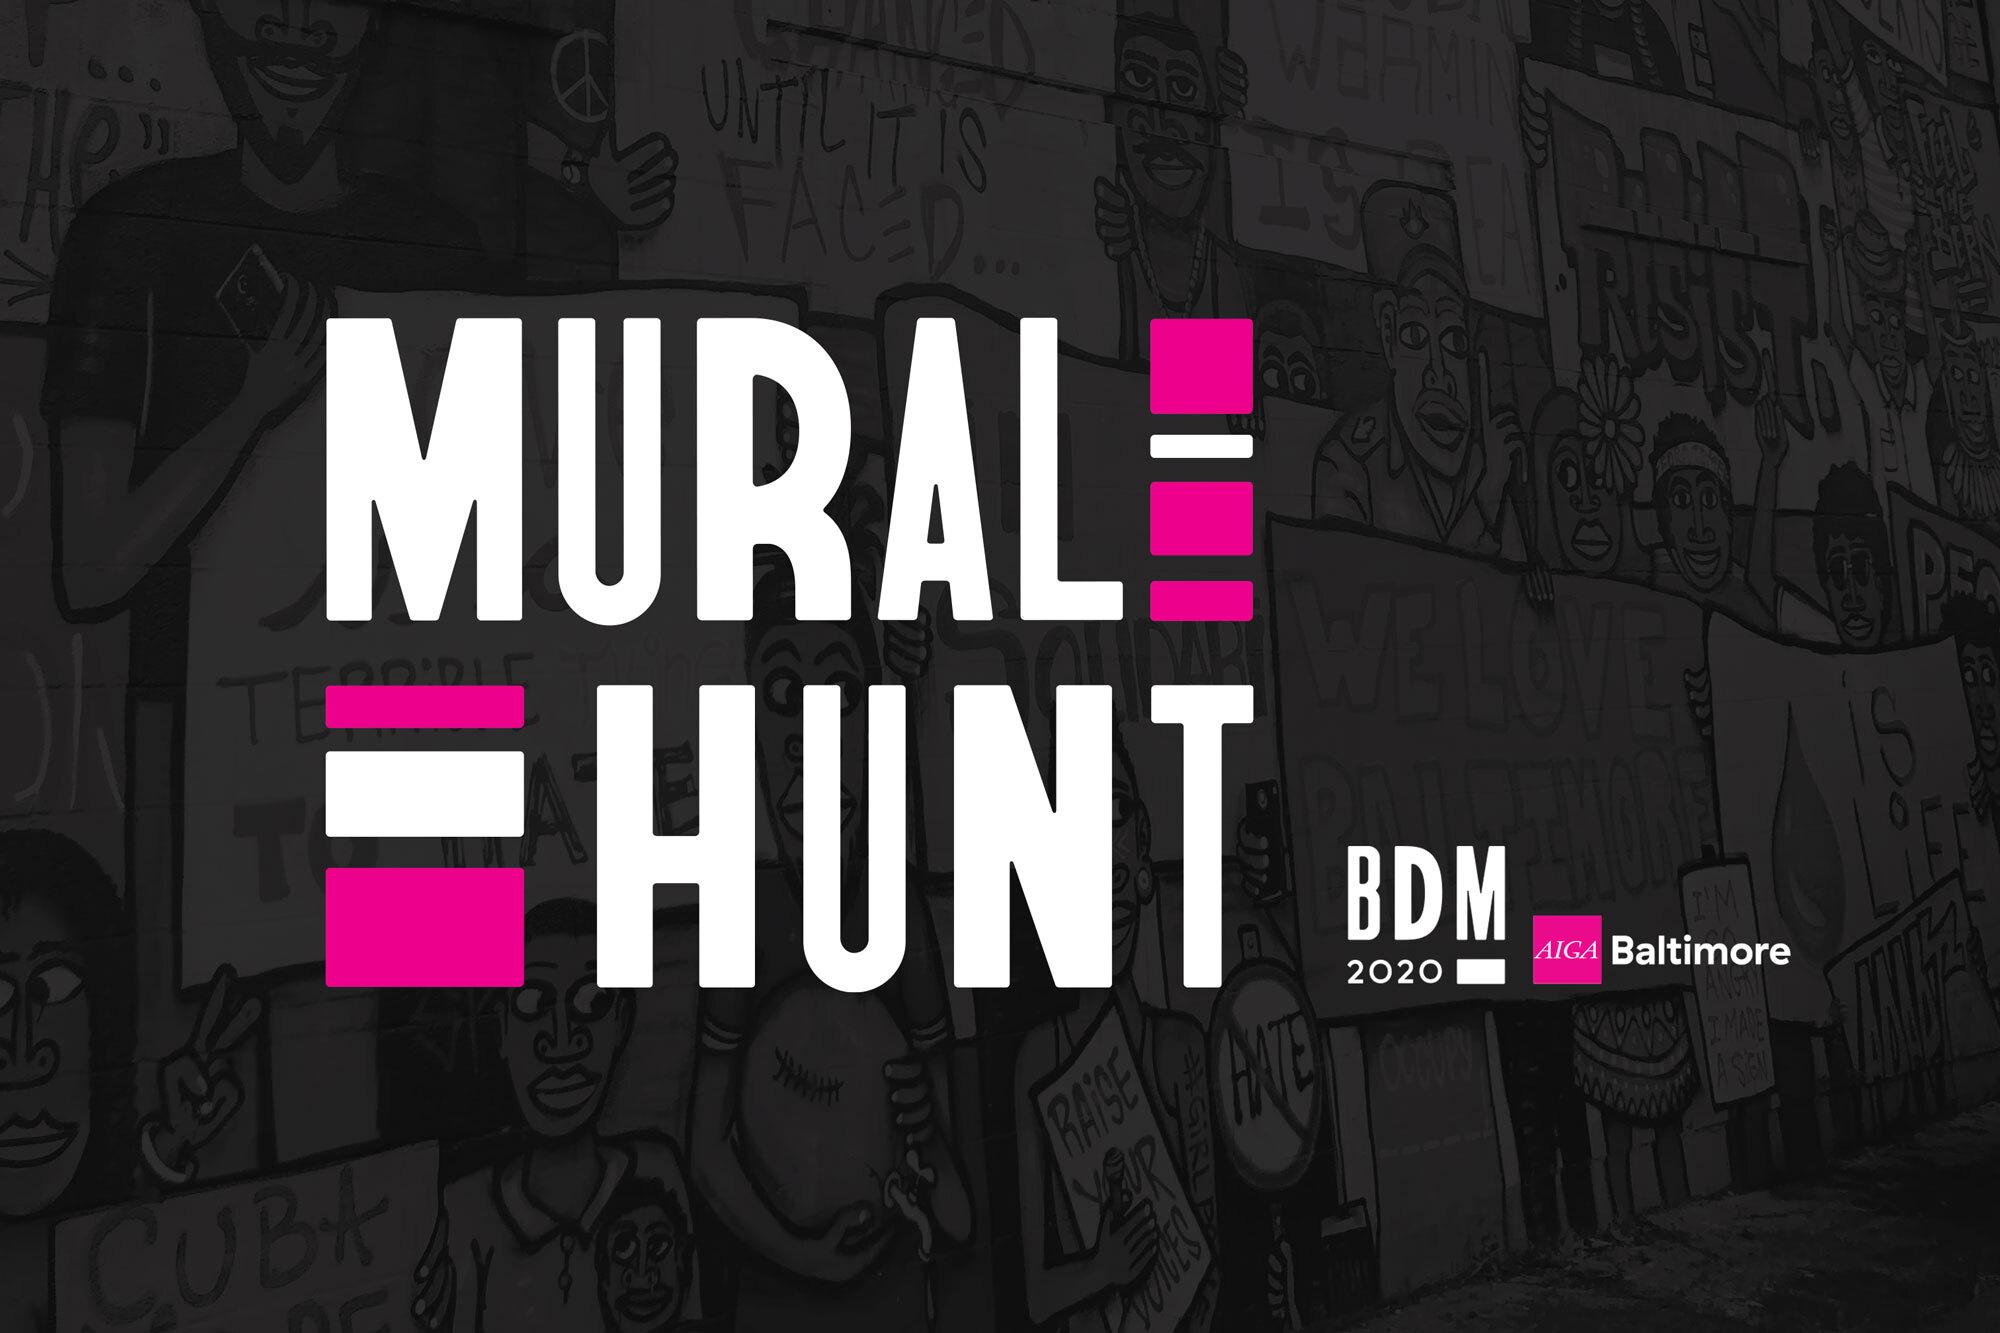 Mural Hunt